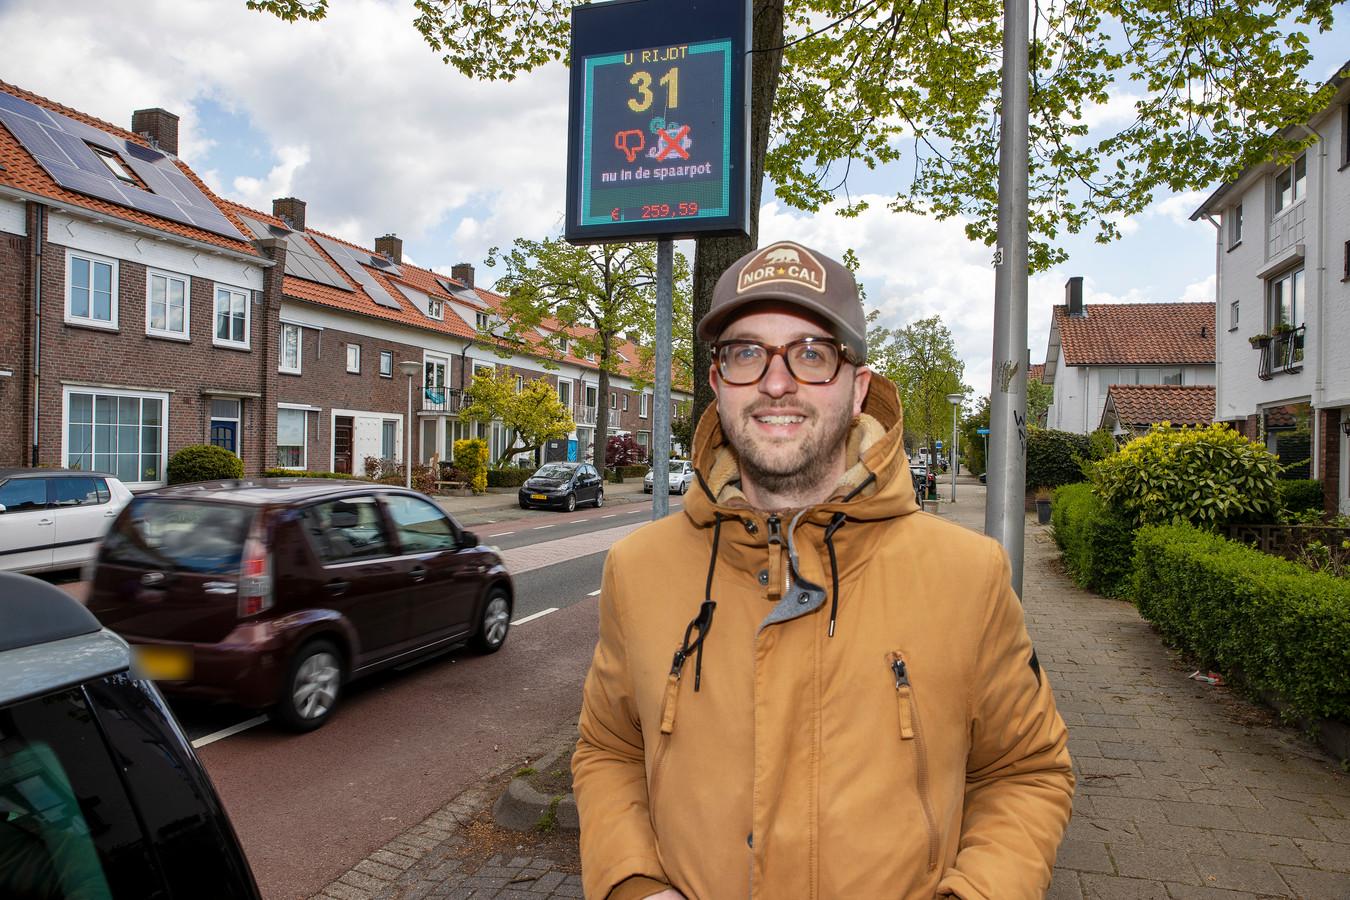 Sander Ras bij de snelheidsmeterspaarpot in de Eindhovense Sint Bonifaciuslaan.